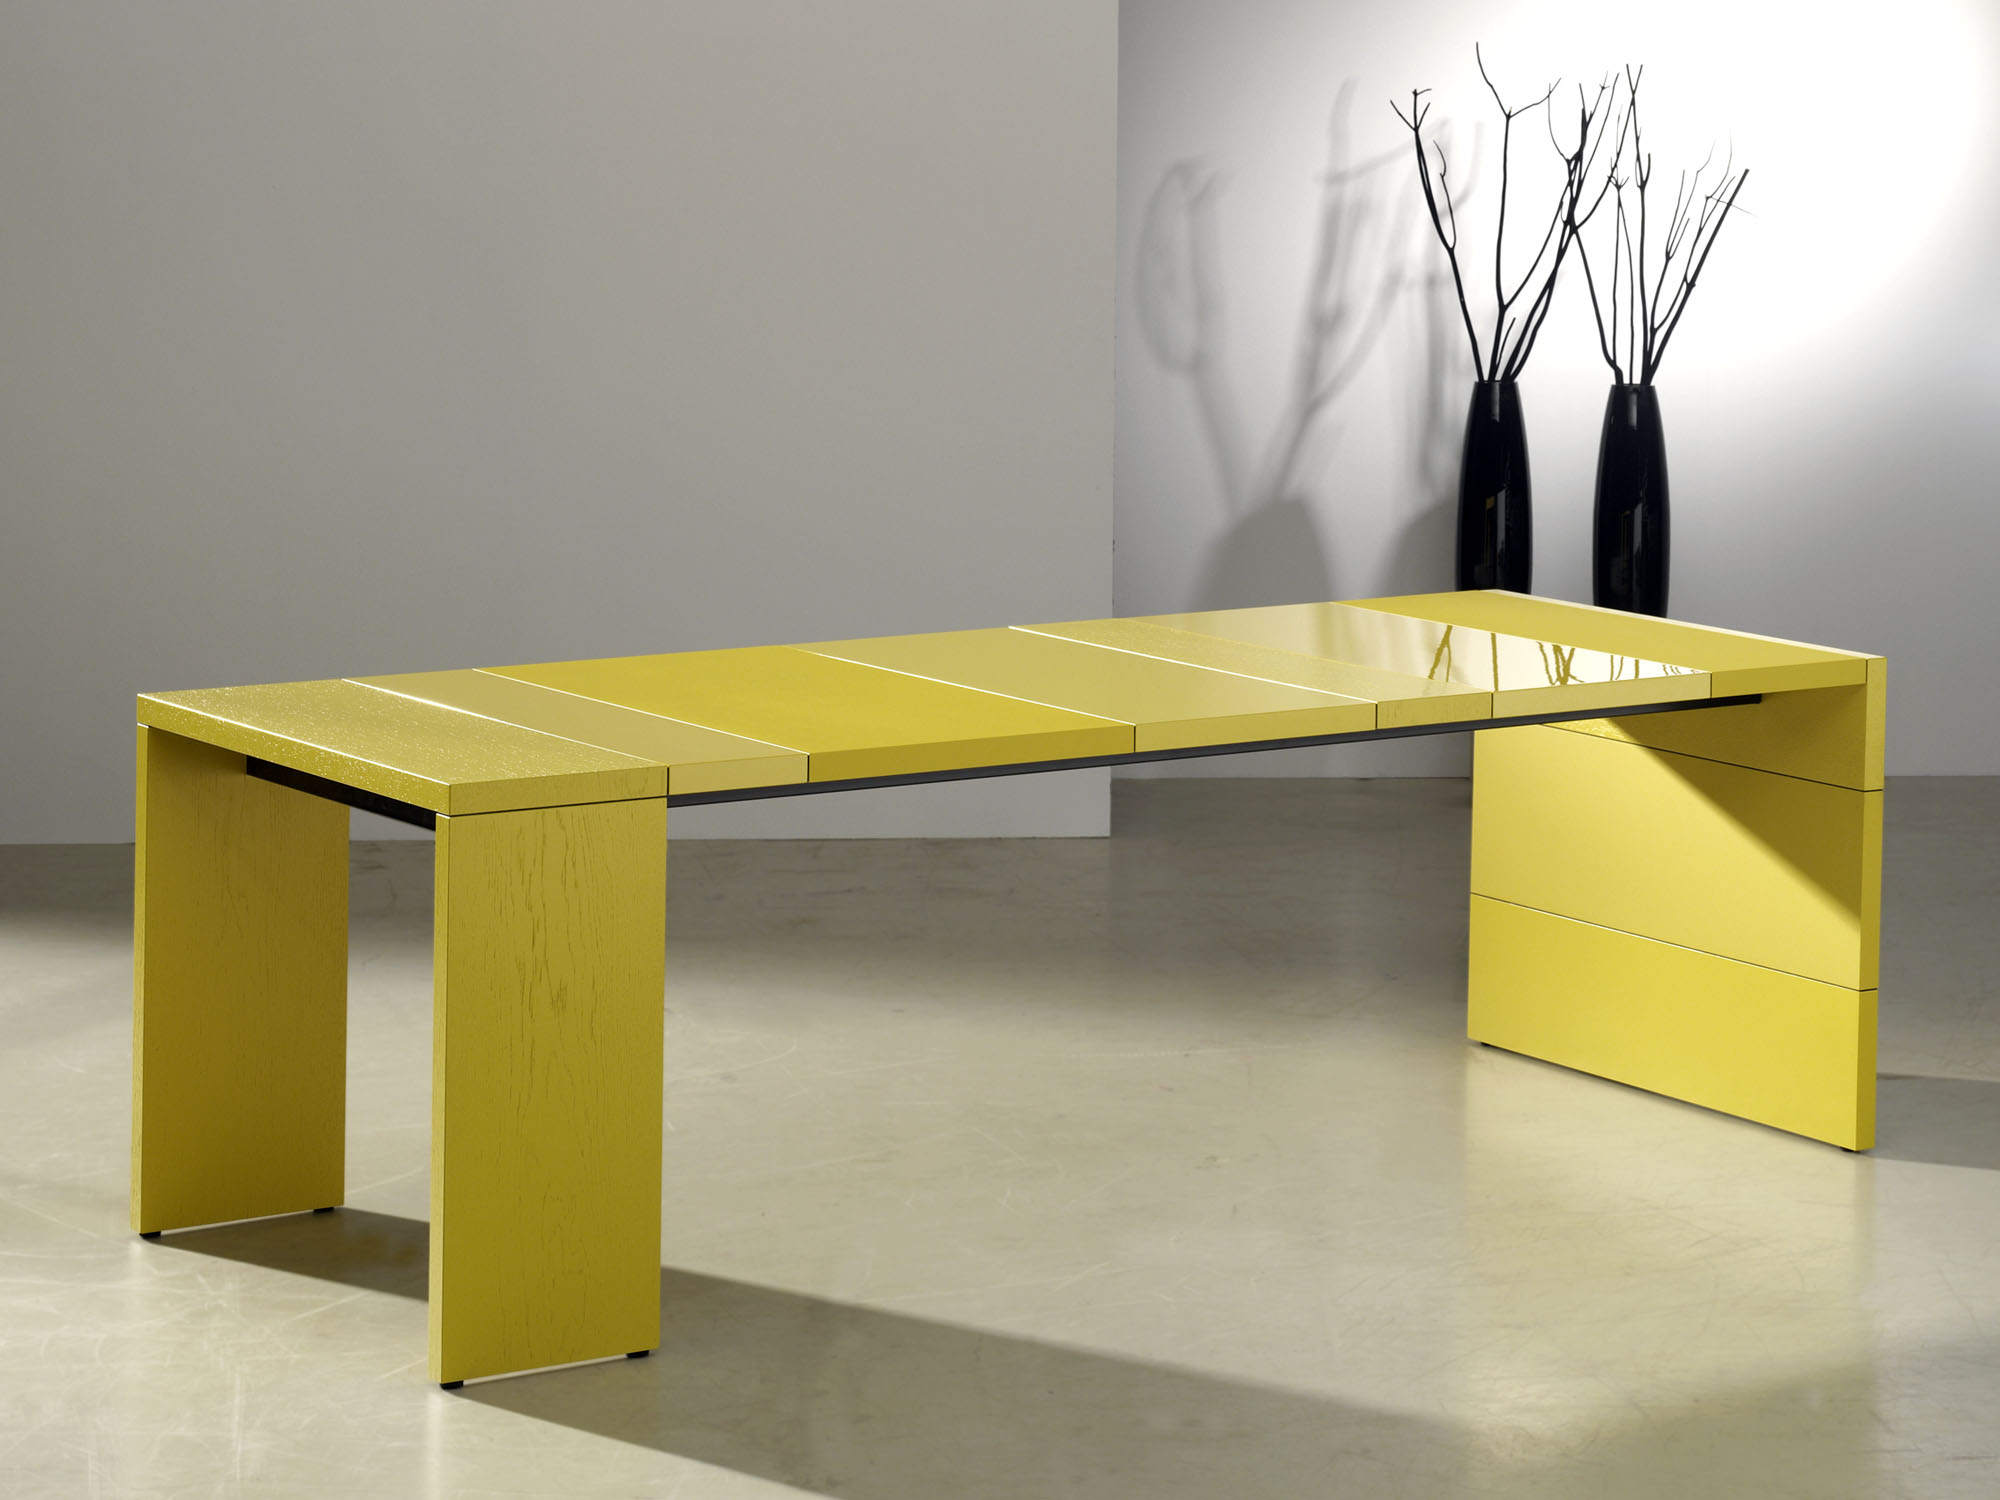 LV, ontwerp door Marieke Castelijn